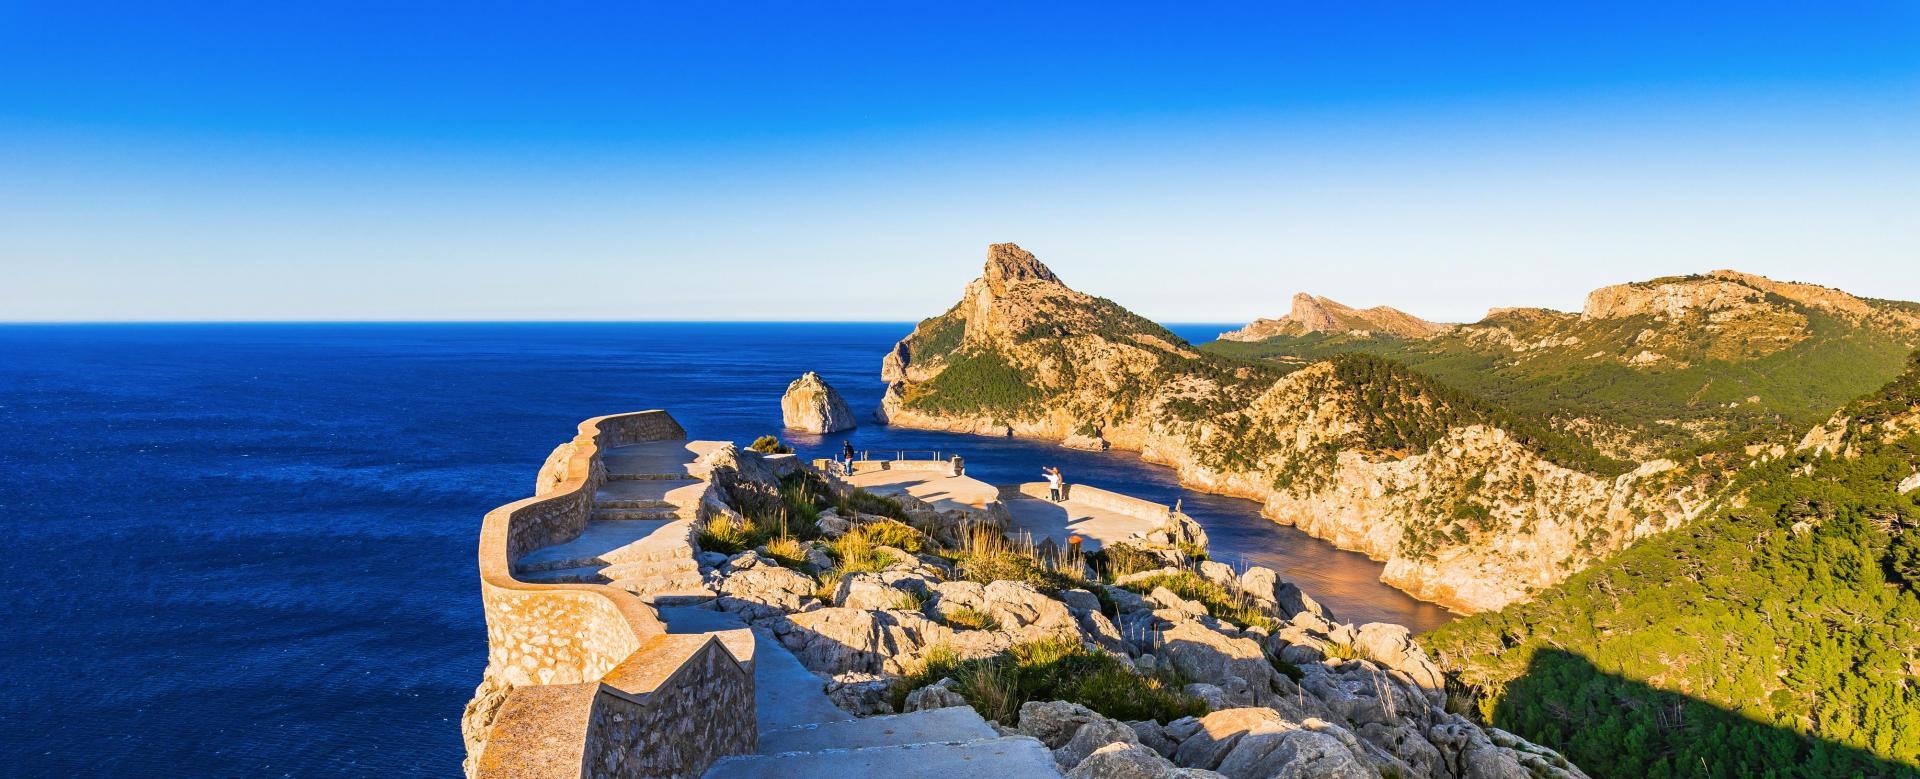 Voyage à pied : Entre mer et montagne, le trail de majorque